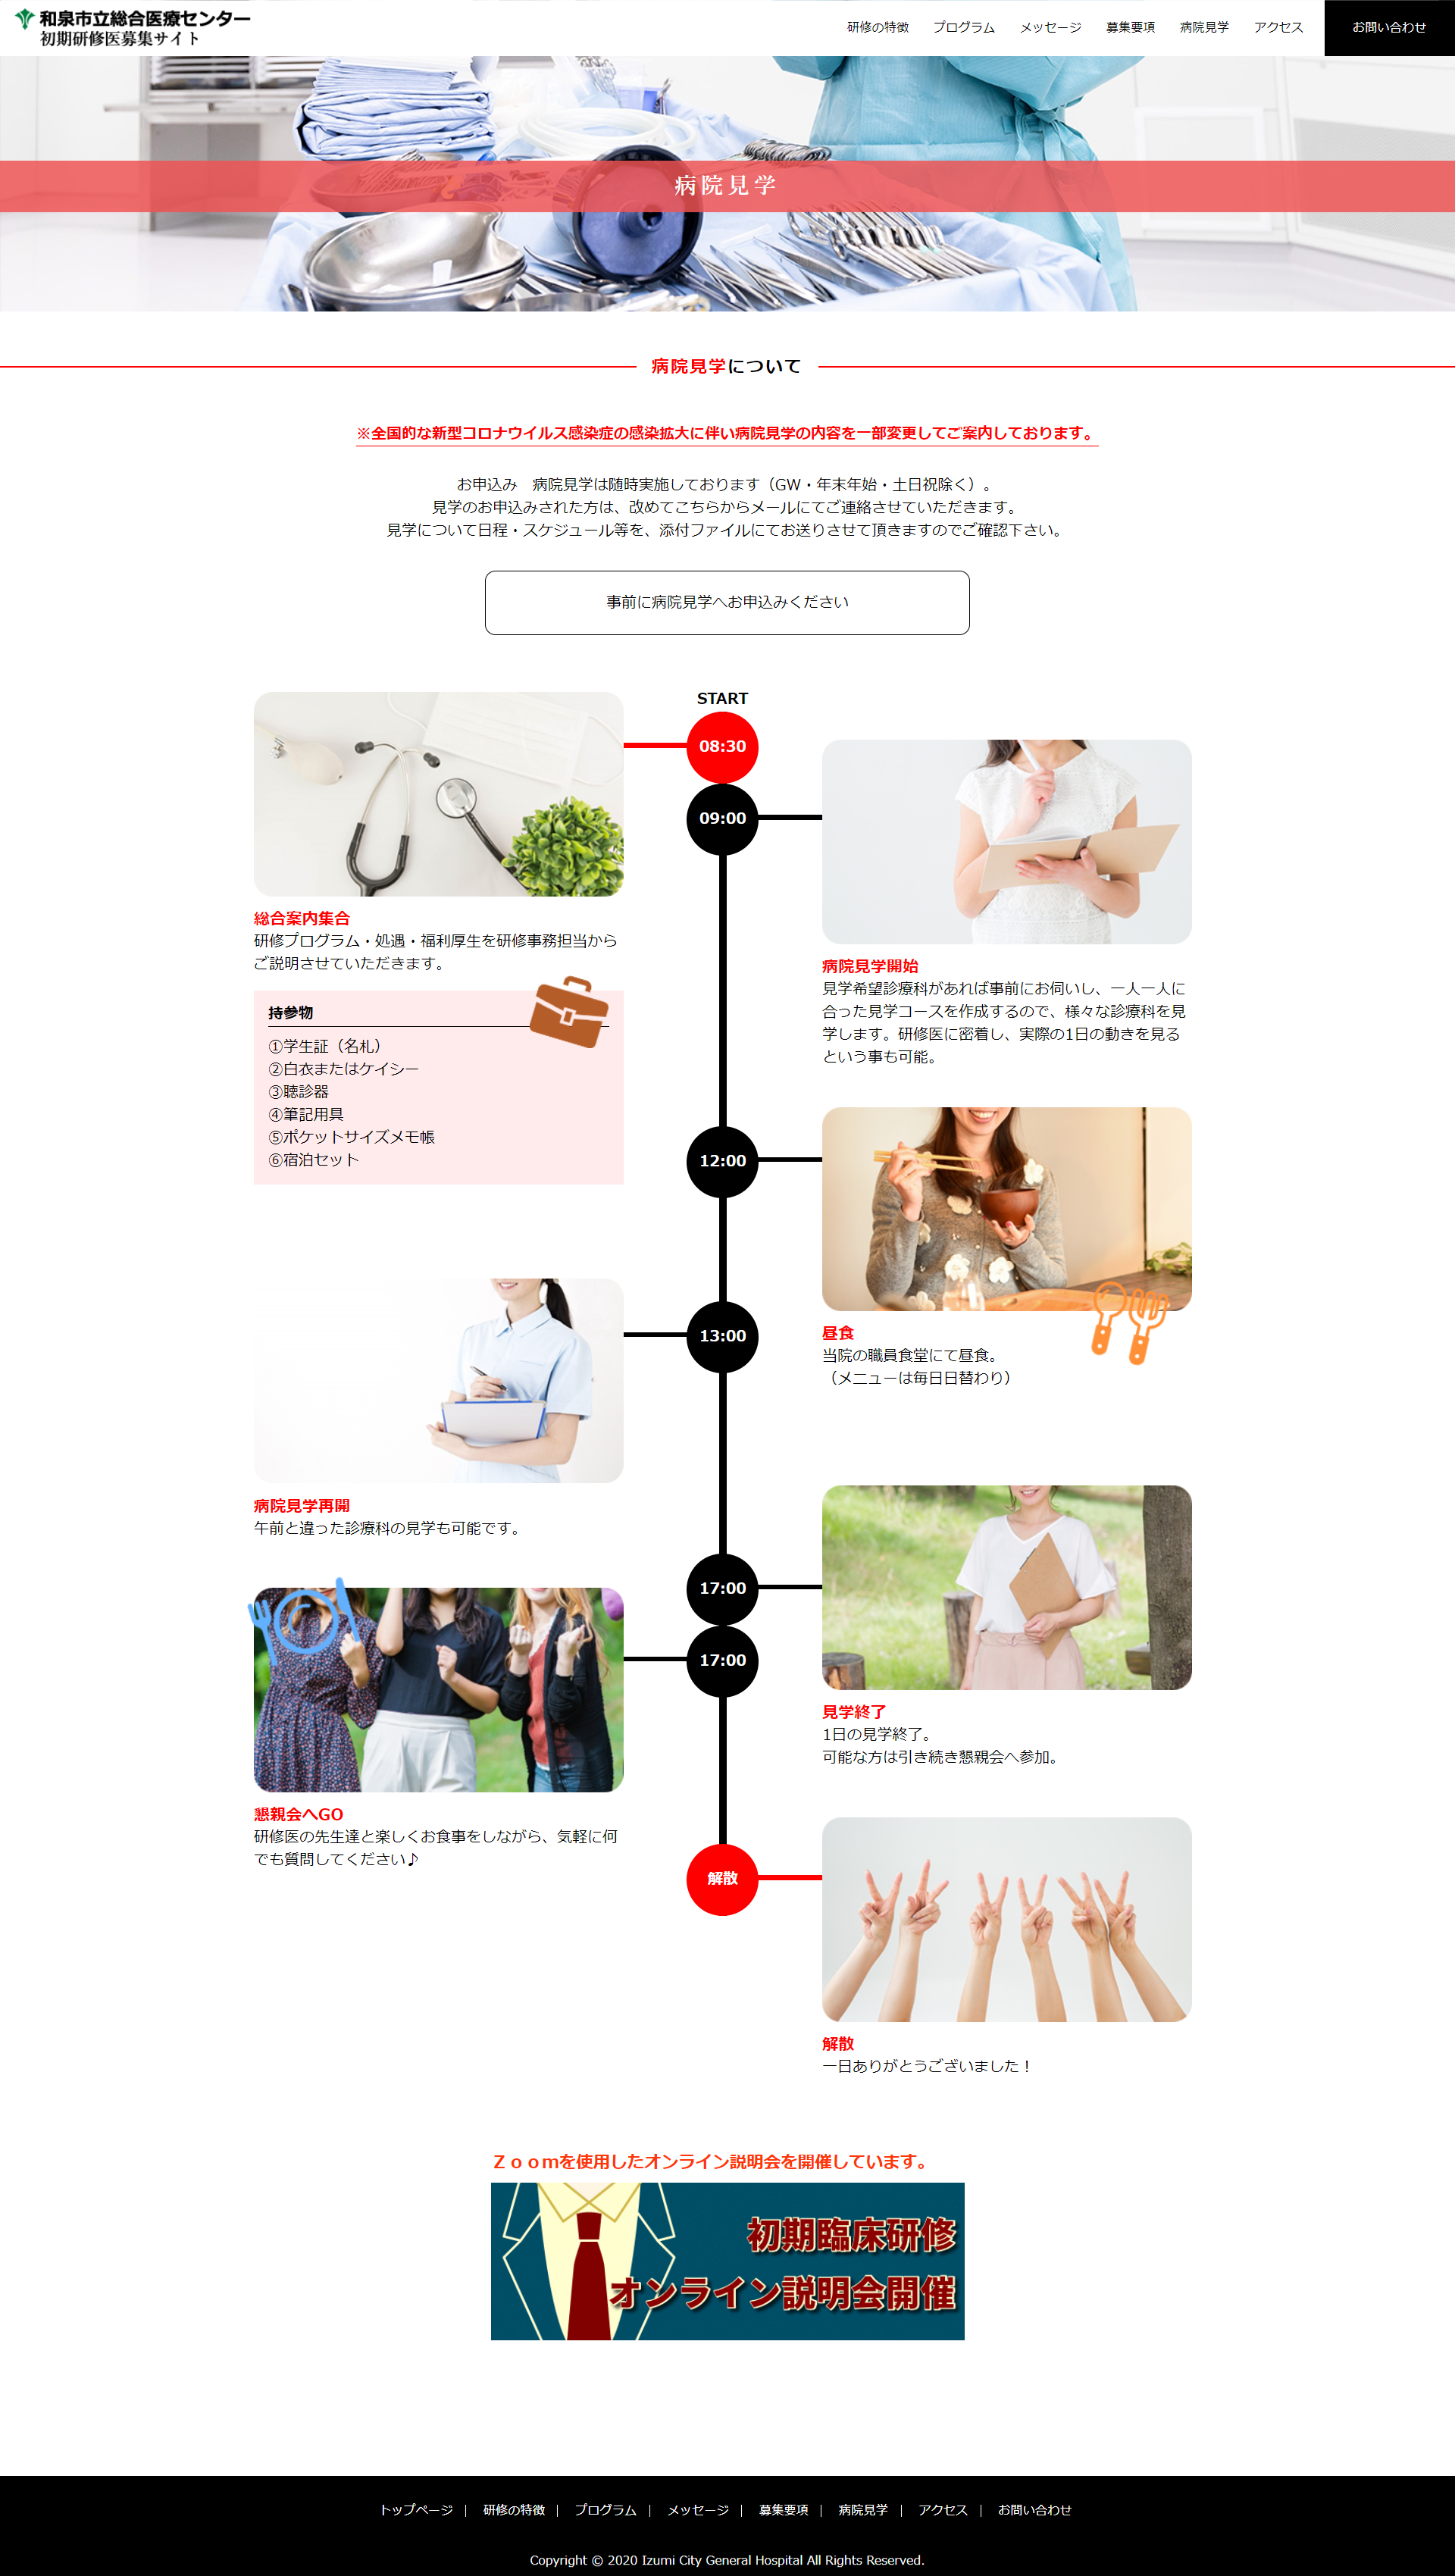 2017年4月作成「和泉市立総合医療センター」臨床研修医募集サイト_サブ画像